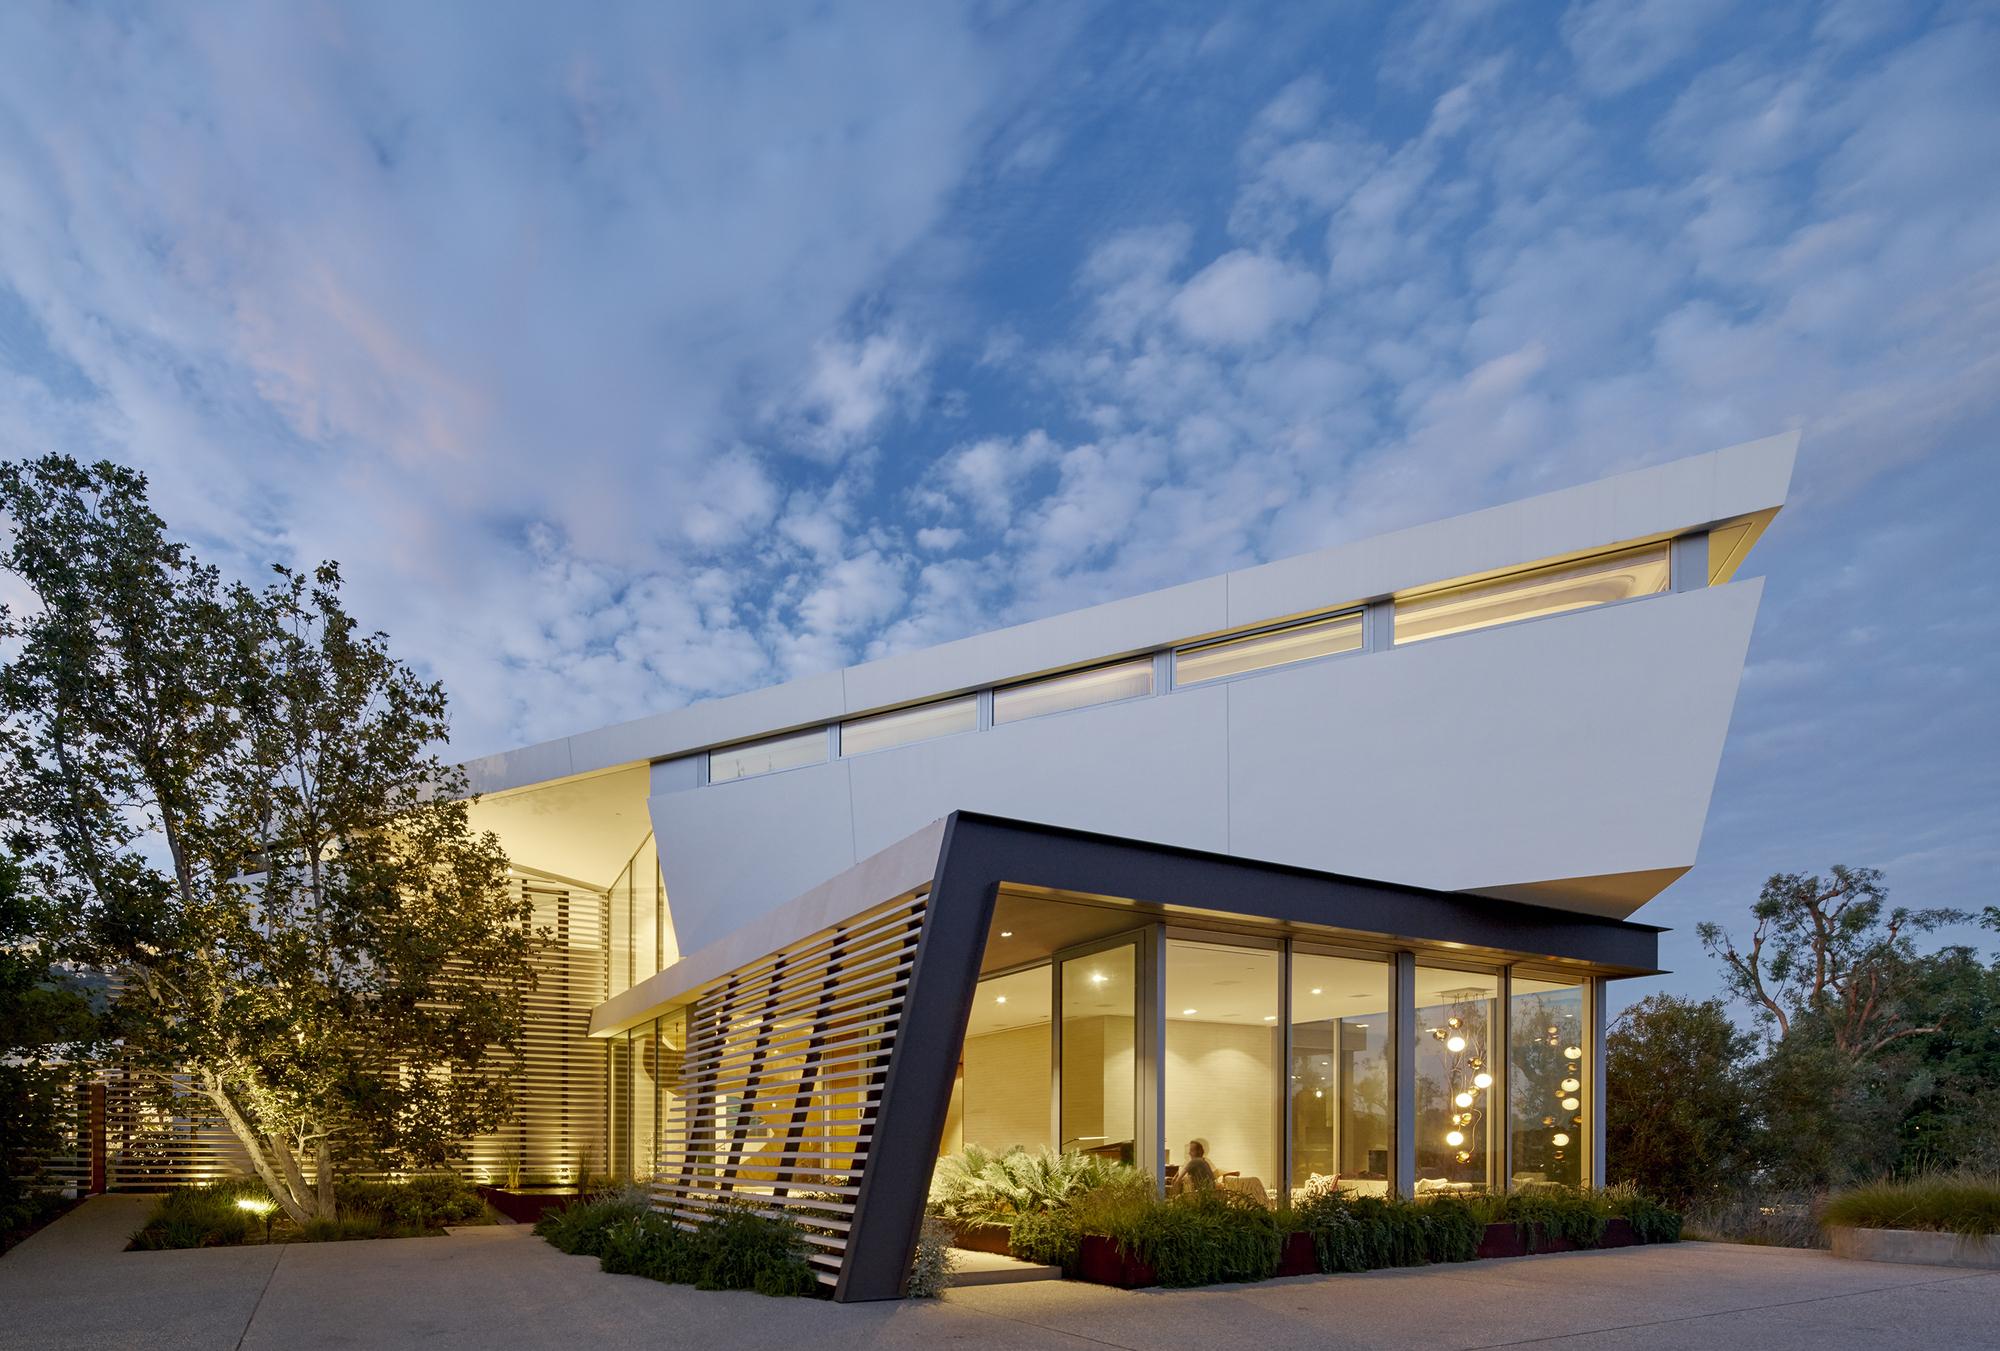 Gallery of tree top residence belzberg architects 2 - Residence calistoga strening architects californie ...